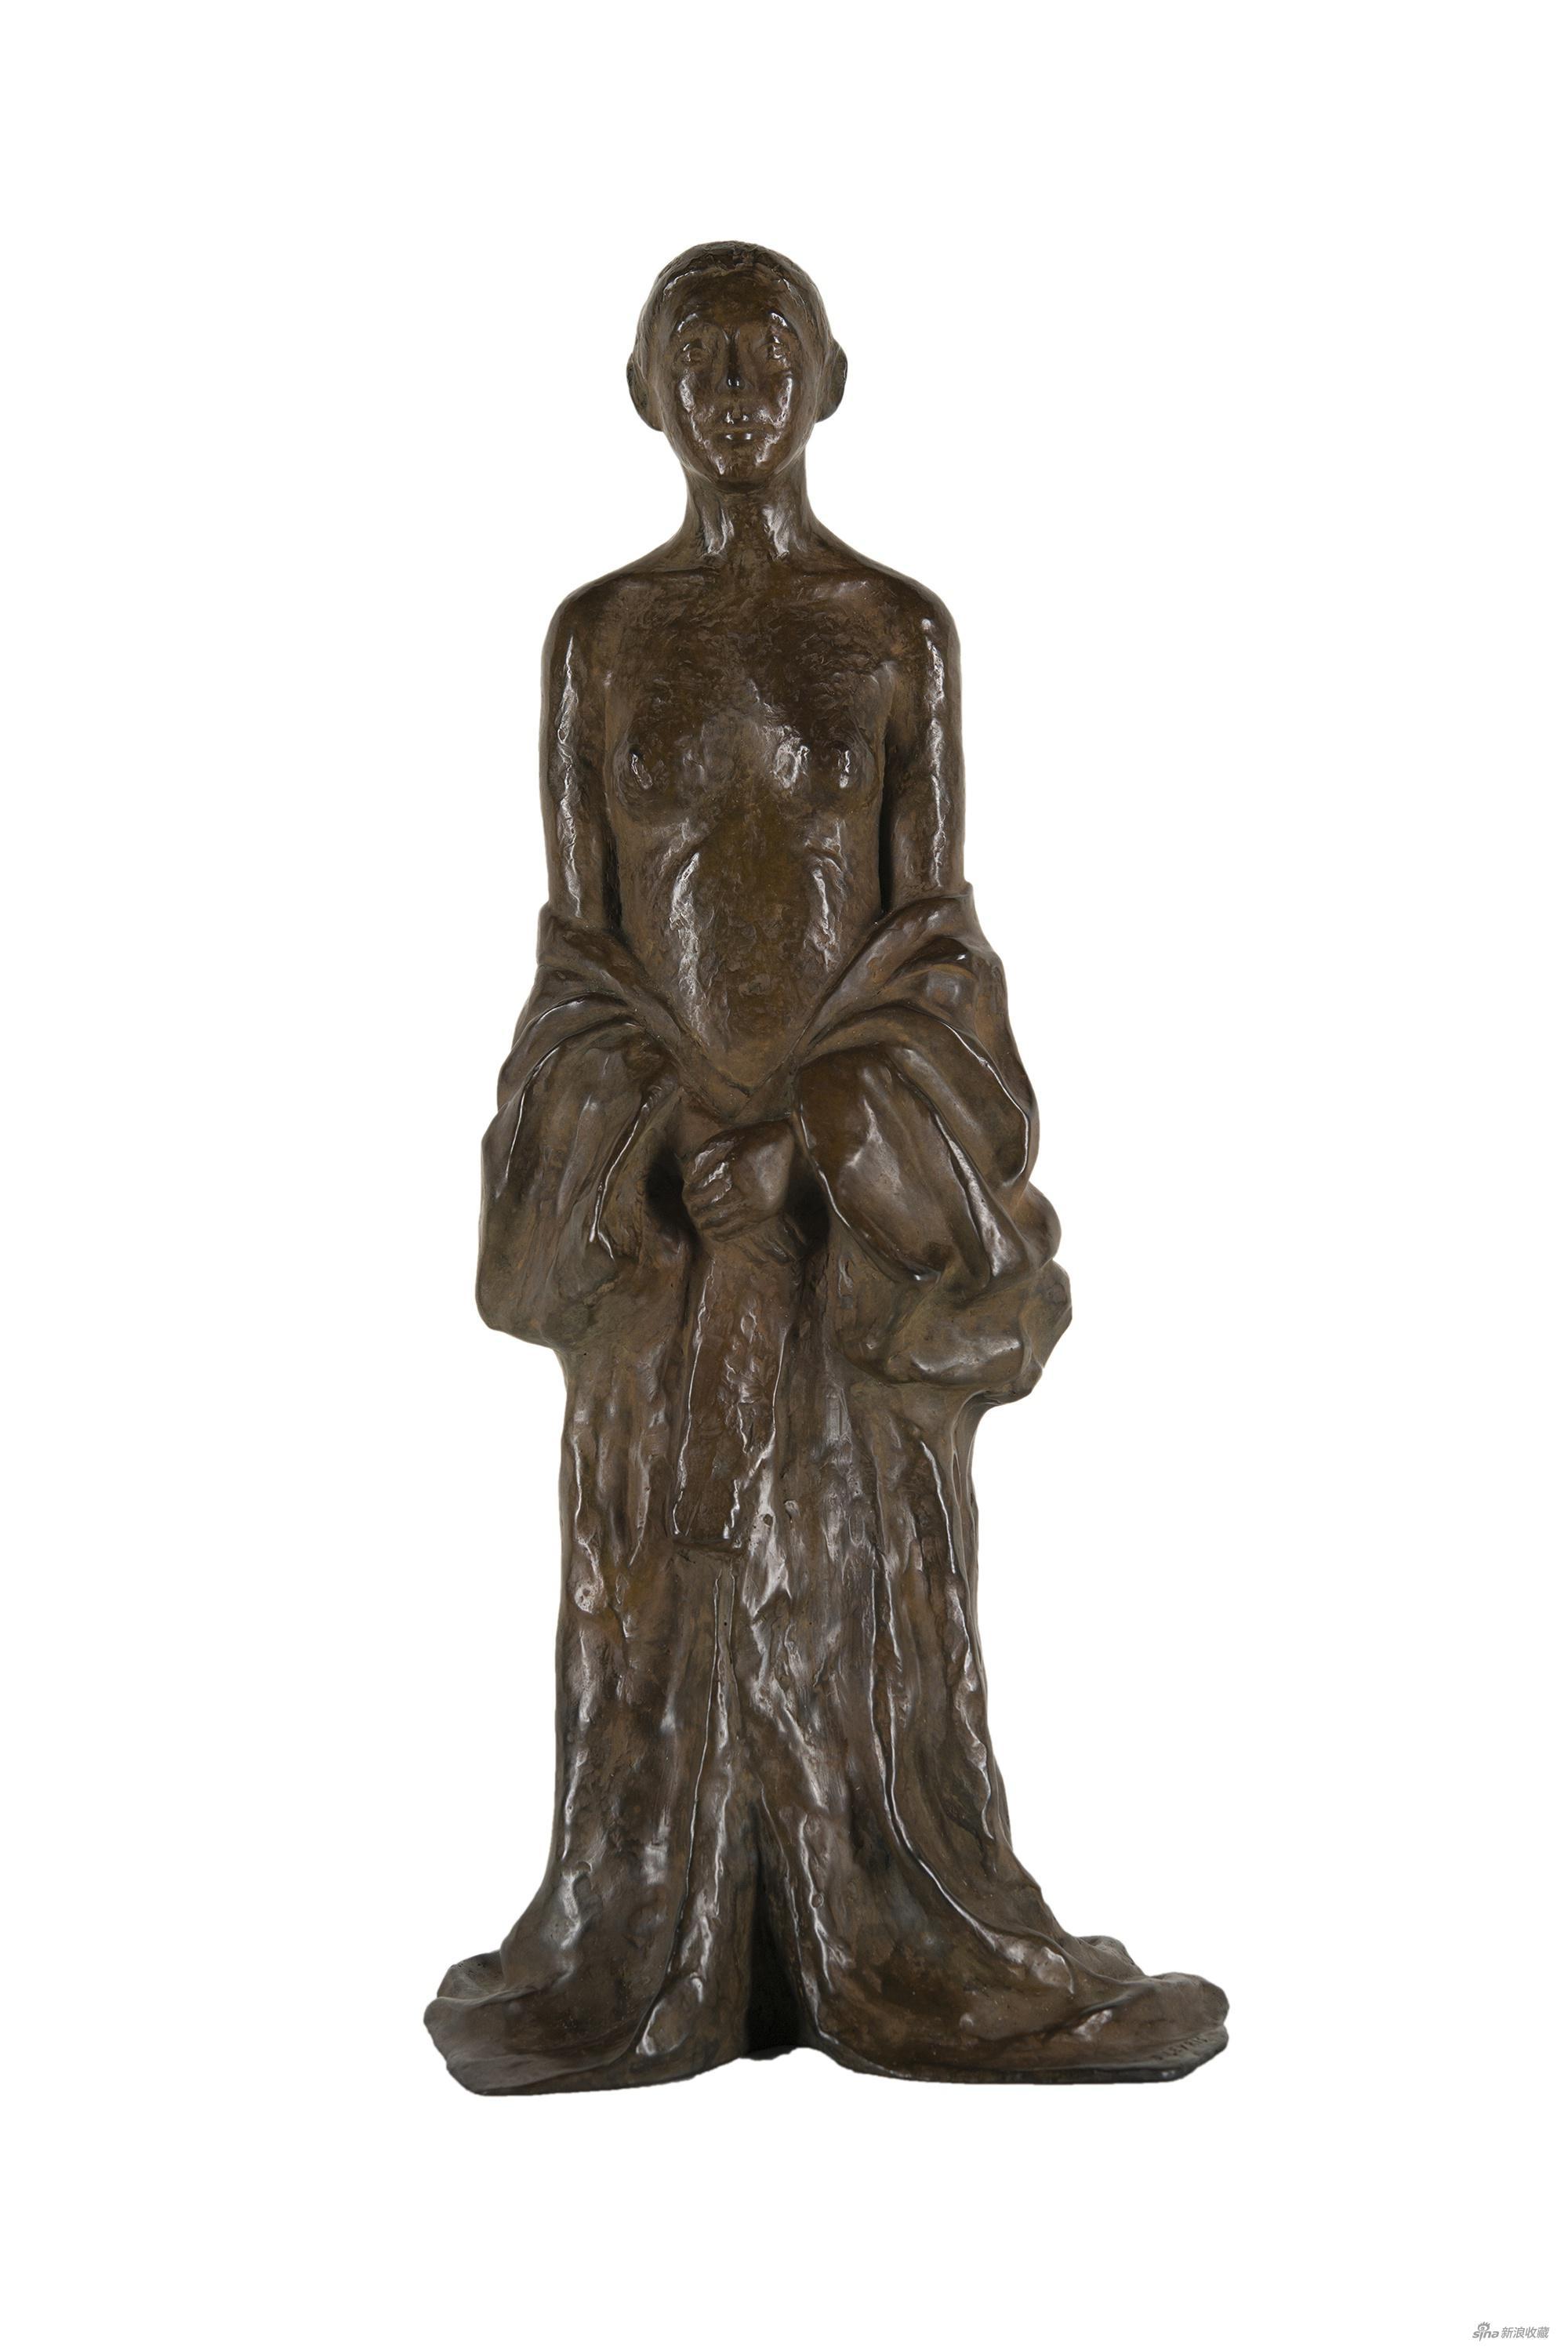 半裸的日本女人,让·莱利斯,青铜雕塑,56×26.5×21cm,2002年